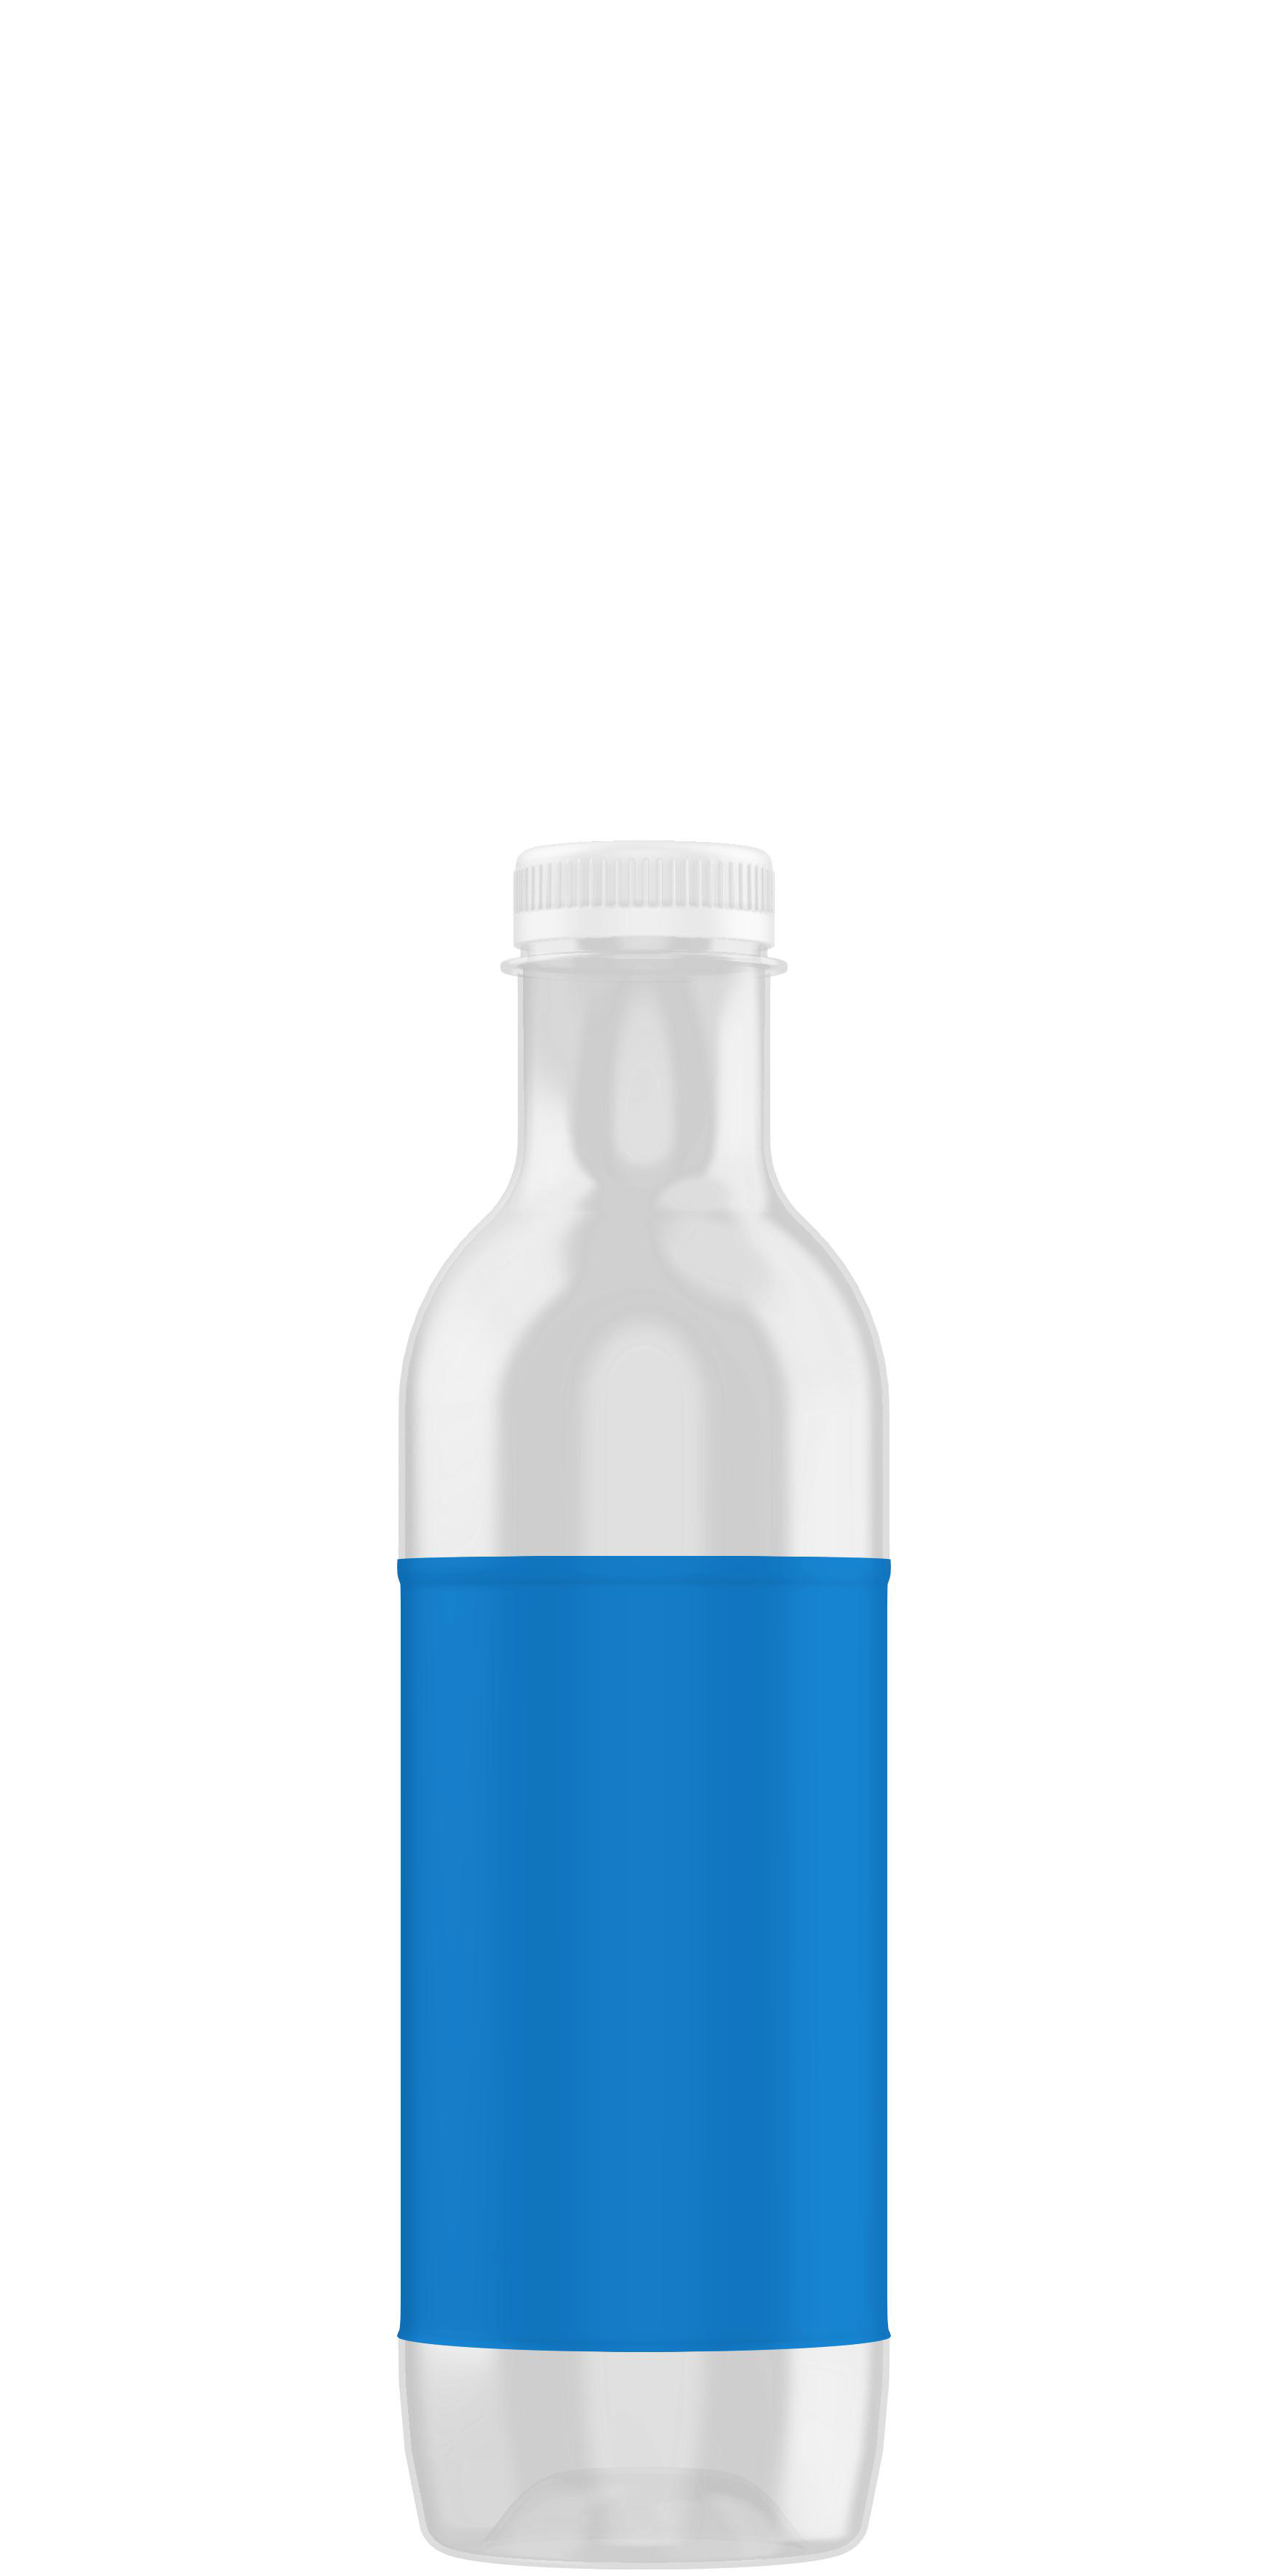 Forme emballage jus de fruits 200ml à 1L